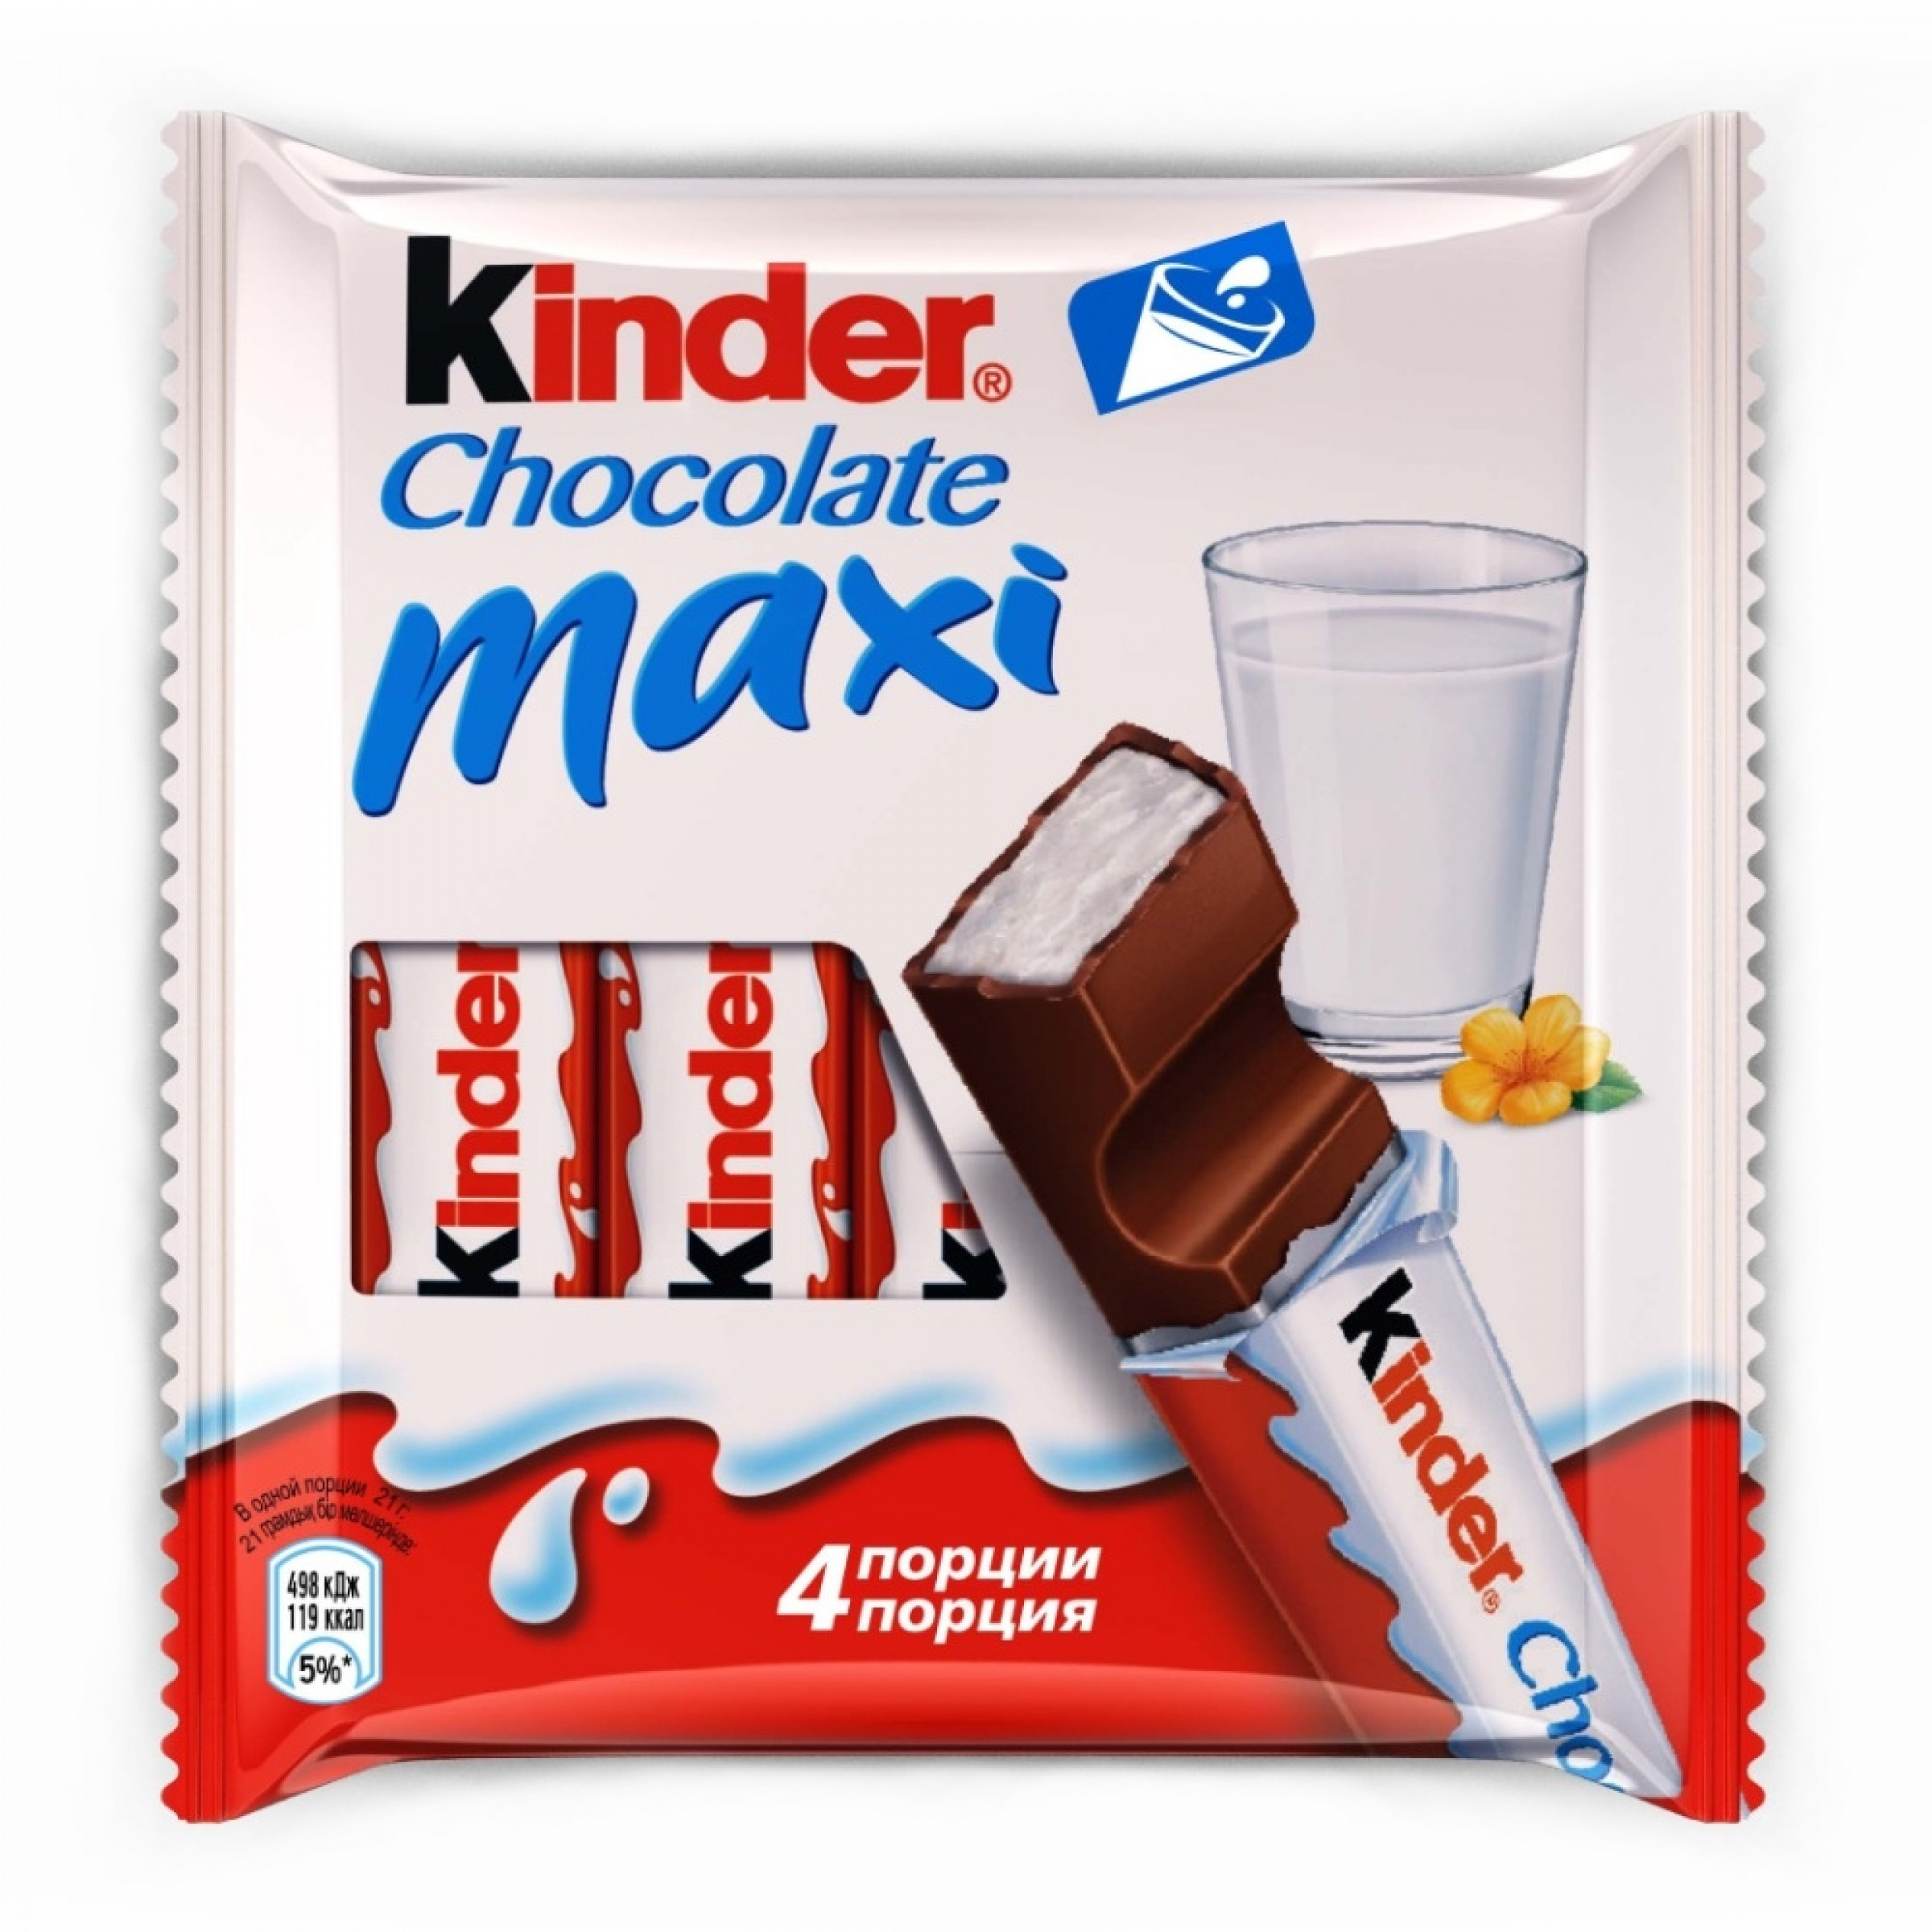 Шоколад молочный Kinder Maxi, 84гр